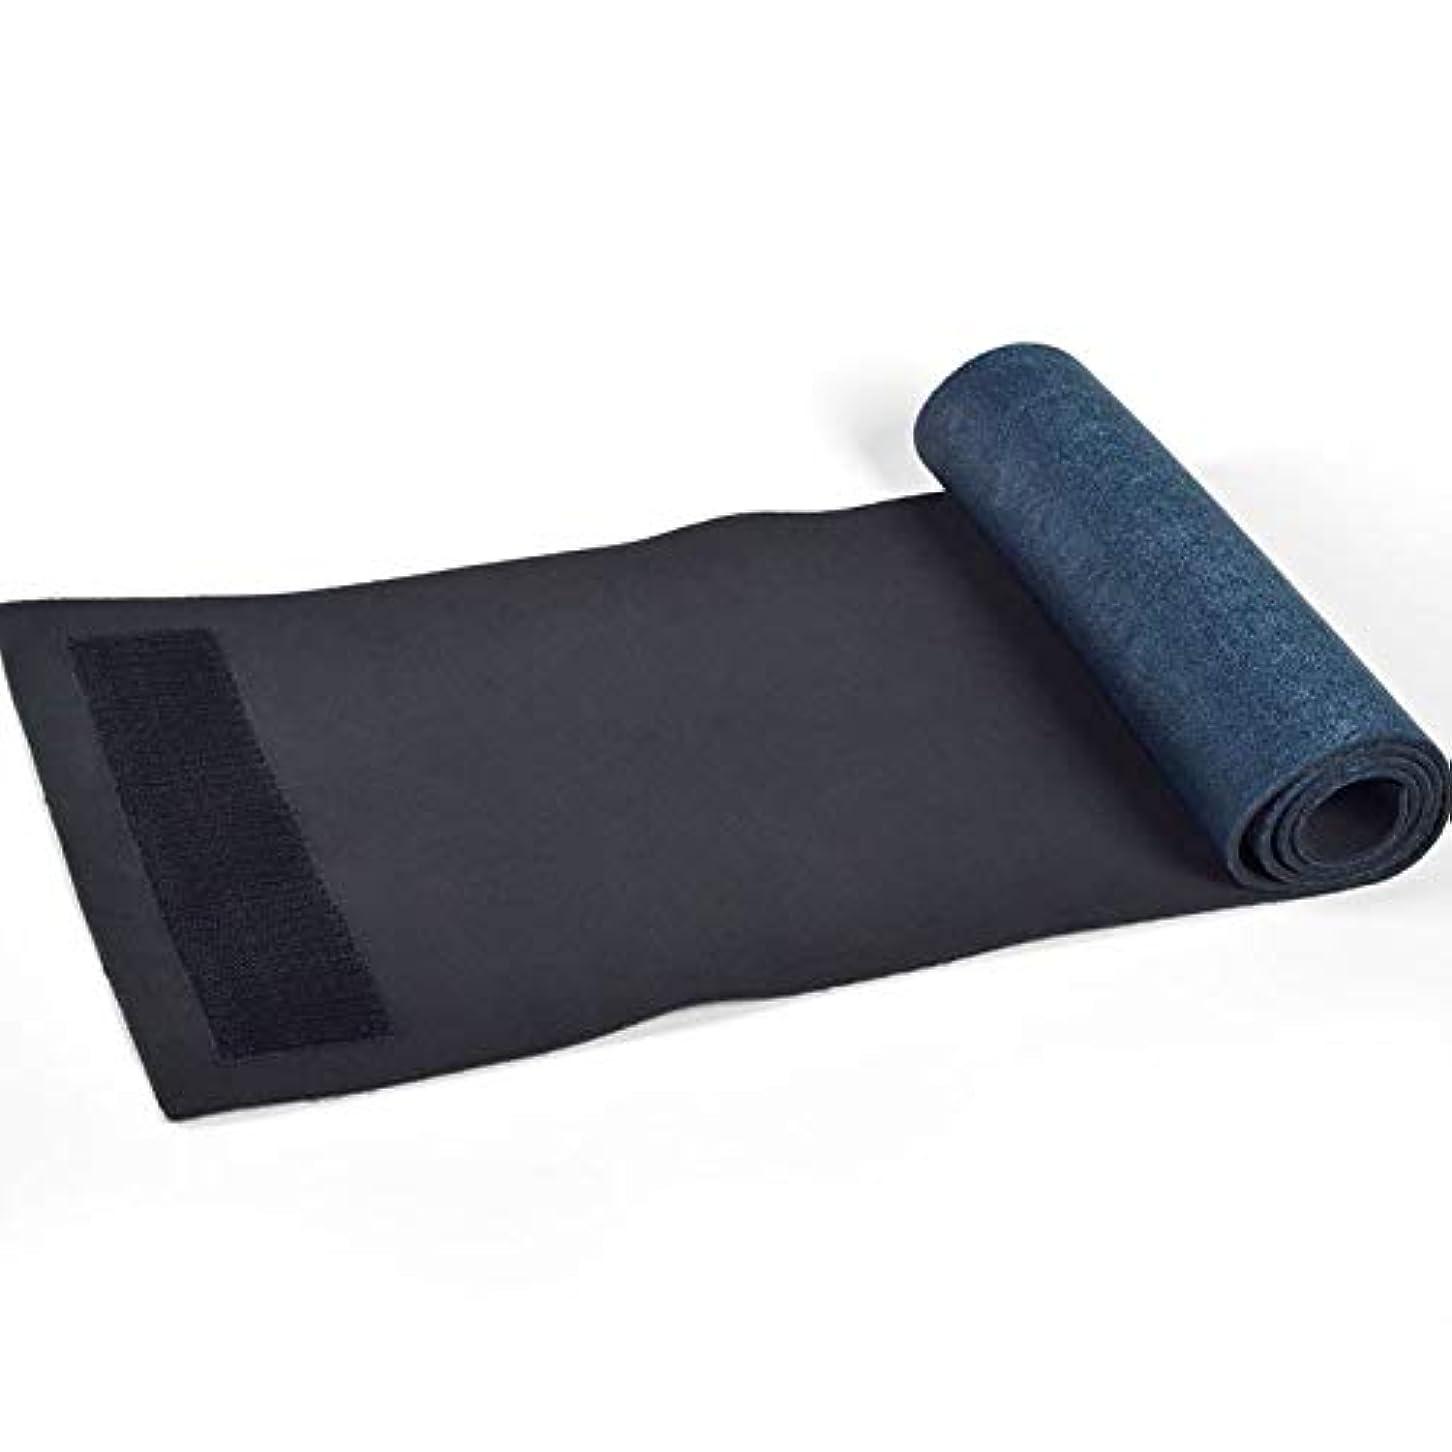 ベッドを作るモックコンプライアンススポーツベルトウエストヨガフィットネスウエストSBRウォームボディベルトスポーツベルト - ブラック